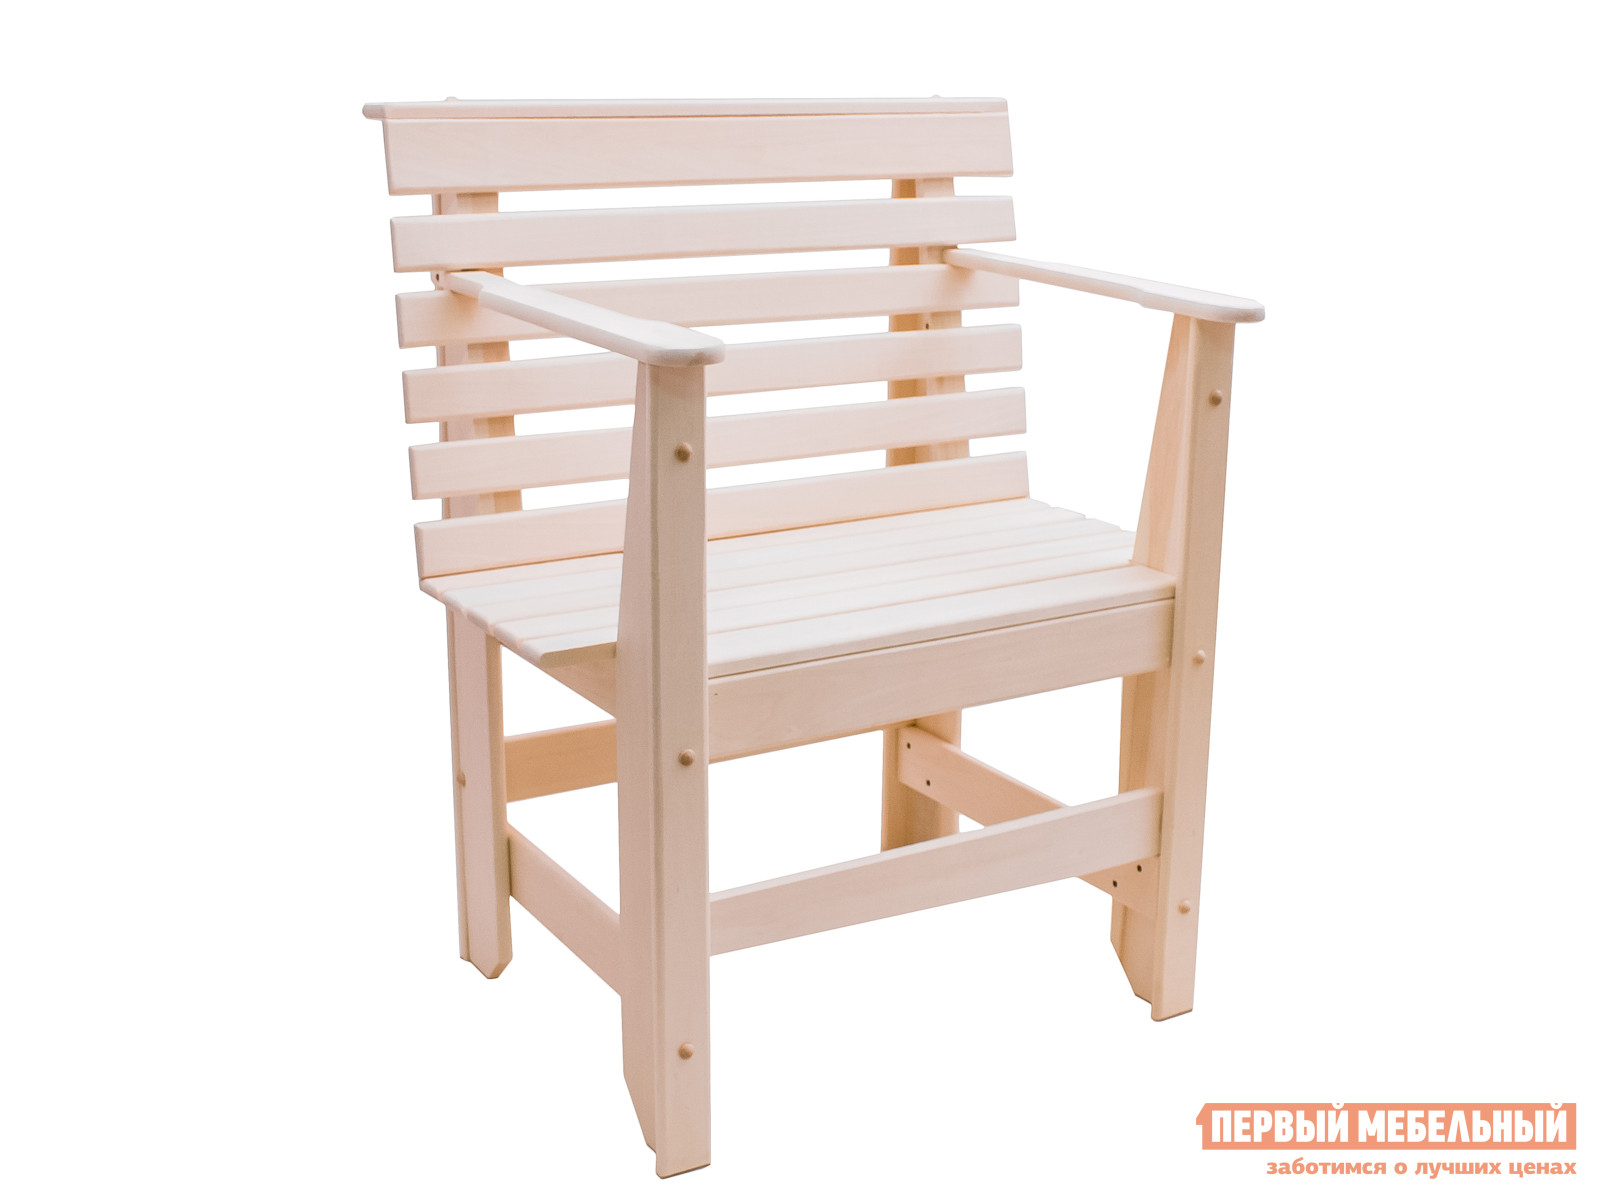 Садовое кресло ММ Нило ЛипаСадовые стулья и кресла<br>Габаритные размеры ВхШхГ 870x700x500 мм. Массивный деревянный стул с подлокотниками, изготовленный из массива липы, понравится любителям деревенского стиля в оформлении интерьера.  Стул имеет невысокую решетчатую спинку и удобное сиденье из наборных планок.  Ребра жесткости между ножками делают стул крепким и надежным.  Модель поставляется в уже собранном виде, весит 10 кг. Модель идеально подходит для меблировки обеденной зоны в дачном домике, на веранде, в беседке, в саду или в предбаннике.  Древесина липы отлично переносит температурные нагрузки, которые происходят в бане, и выделяет приятный древесных аромат.  Однако, обращаем ваше внимание, если вы решите использовать деревянное кресло на улице, то поверхность необходимо обработать любым влагостойким составом, который защитит мебель от атмосферных влияний.  При изготовлении стула древесина не подвергается какой-либо химической обработке.<br><br>Цвет: Светлое дерево<br>Высота мм: 870<br>Ширина мм: 700<br>Глубина мм: 500<br>Кол-во упаковок: 1<br>Форма поставки: В собранном виде<br>Срок гарантии: 3 месяца<br>Материал: Массив дерева<br>Порода дерева: Липа<br>С подлокотниками: Да<br>С жестким сиденьем: Да